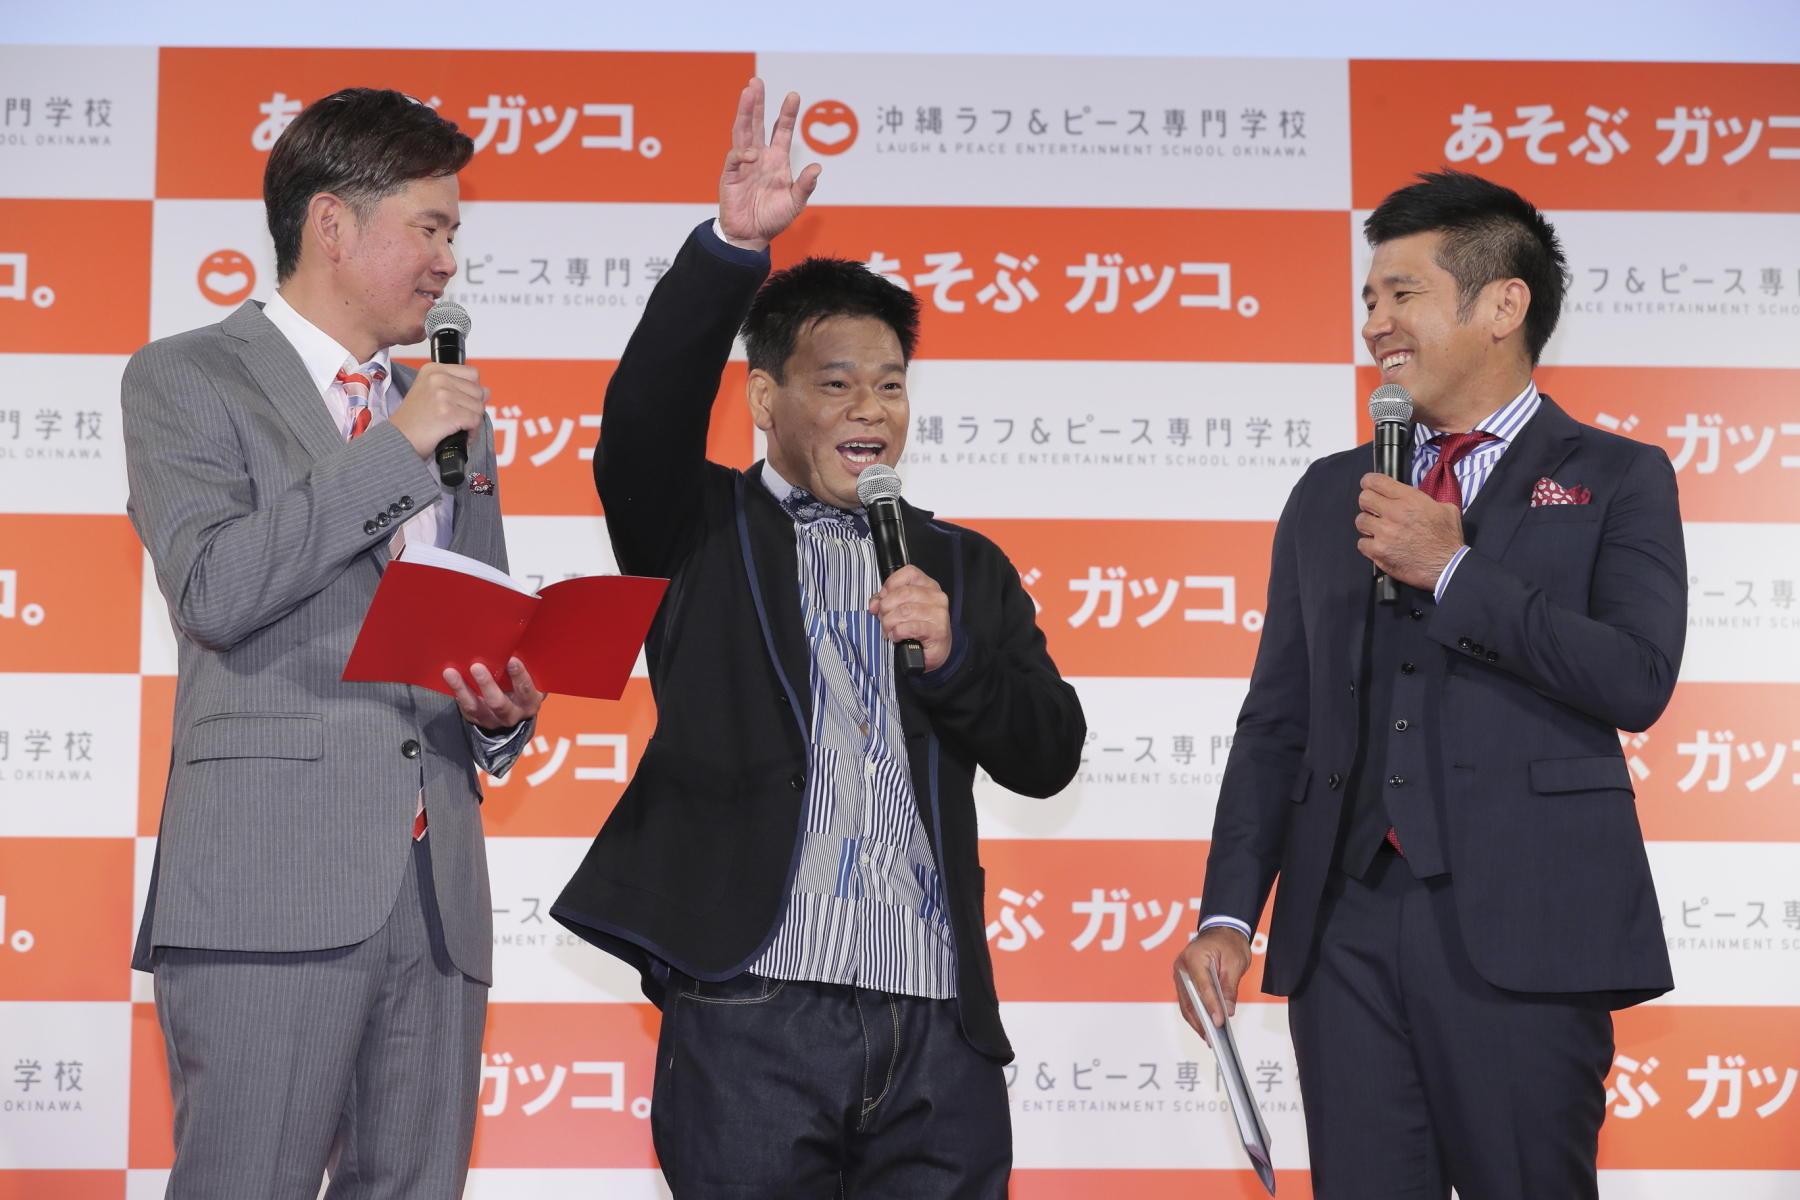 http://news.yoshimoto.co.jp/20171006101841-5ba3be6b7b5c29f2966a17e3f632776b69a9cf29.jpg